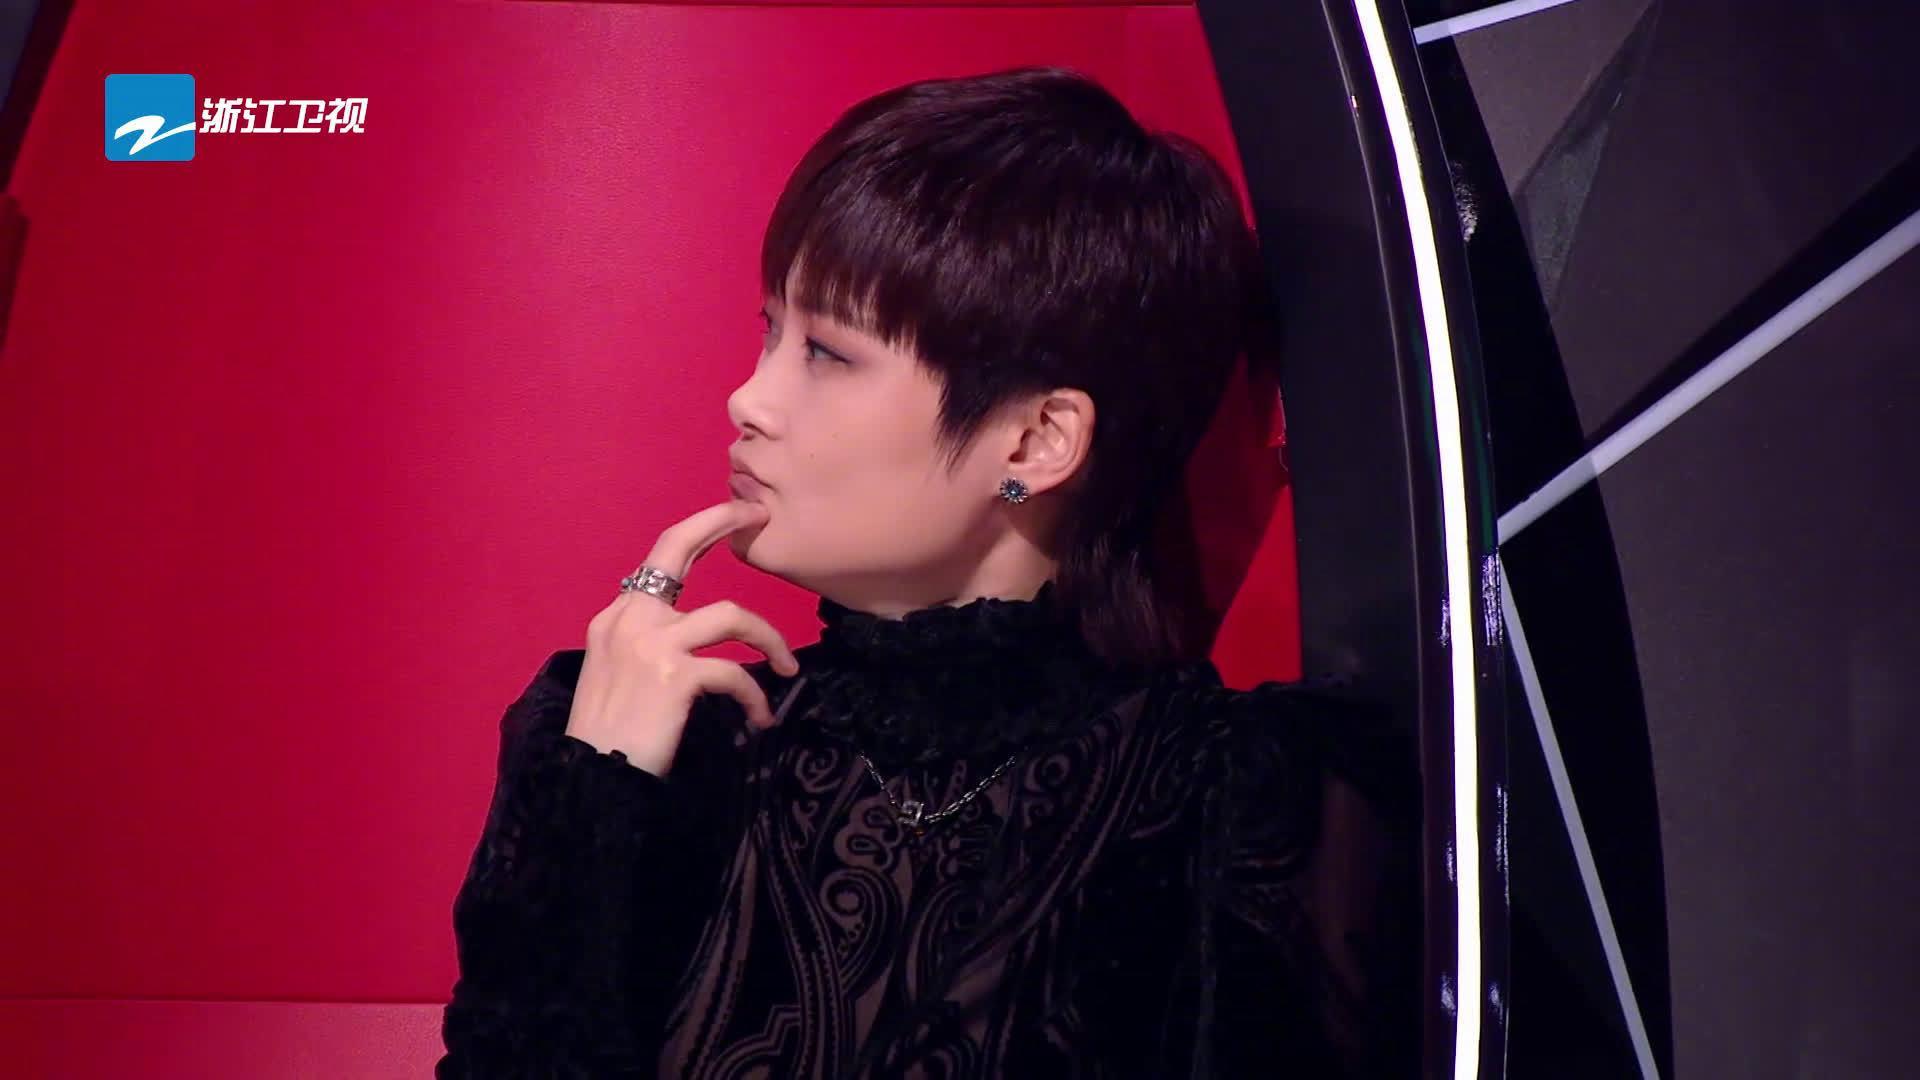 春春@李宇春 导师的万种表情为您呈现,这可可爱爱的样子……